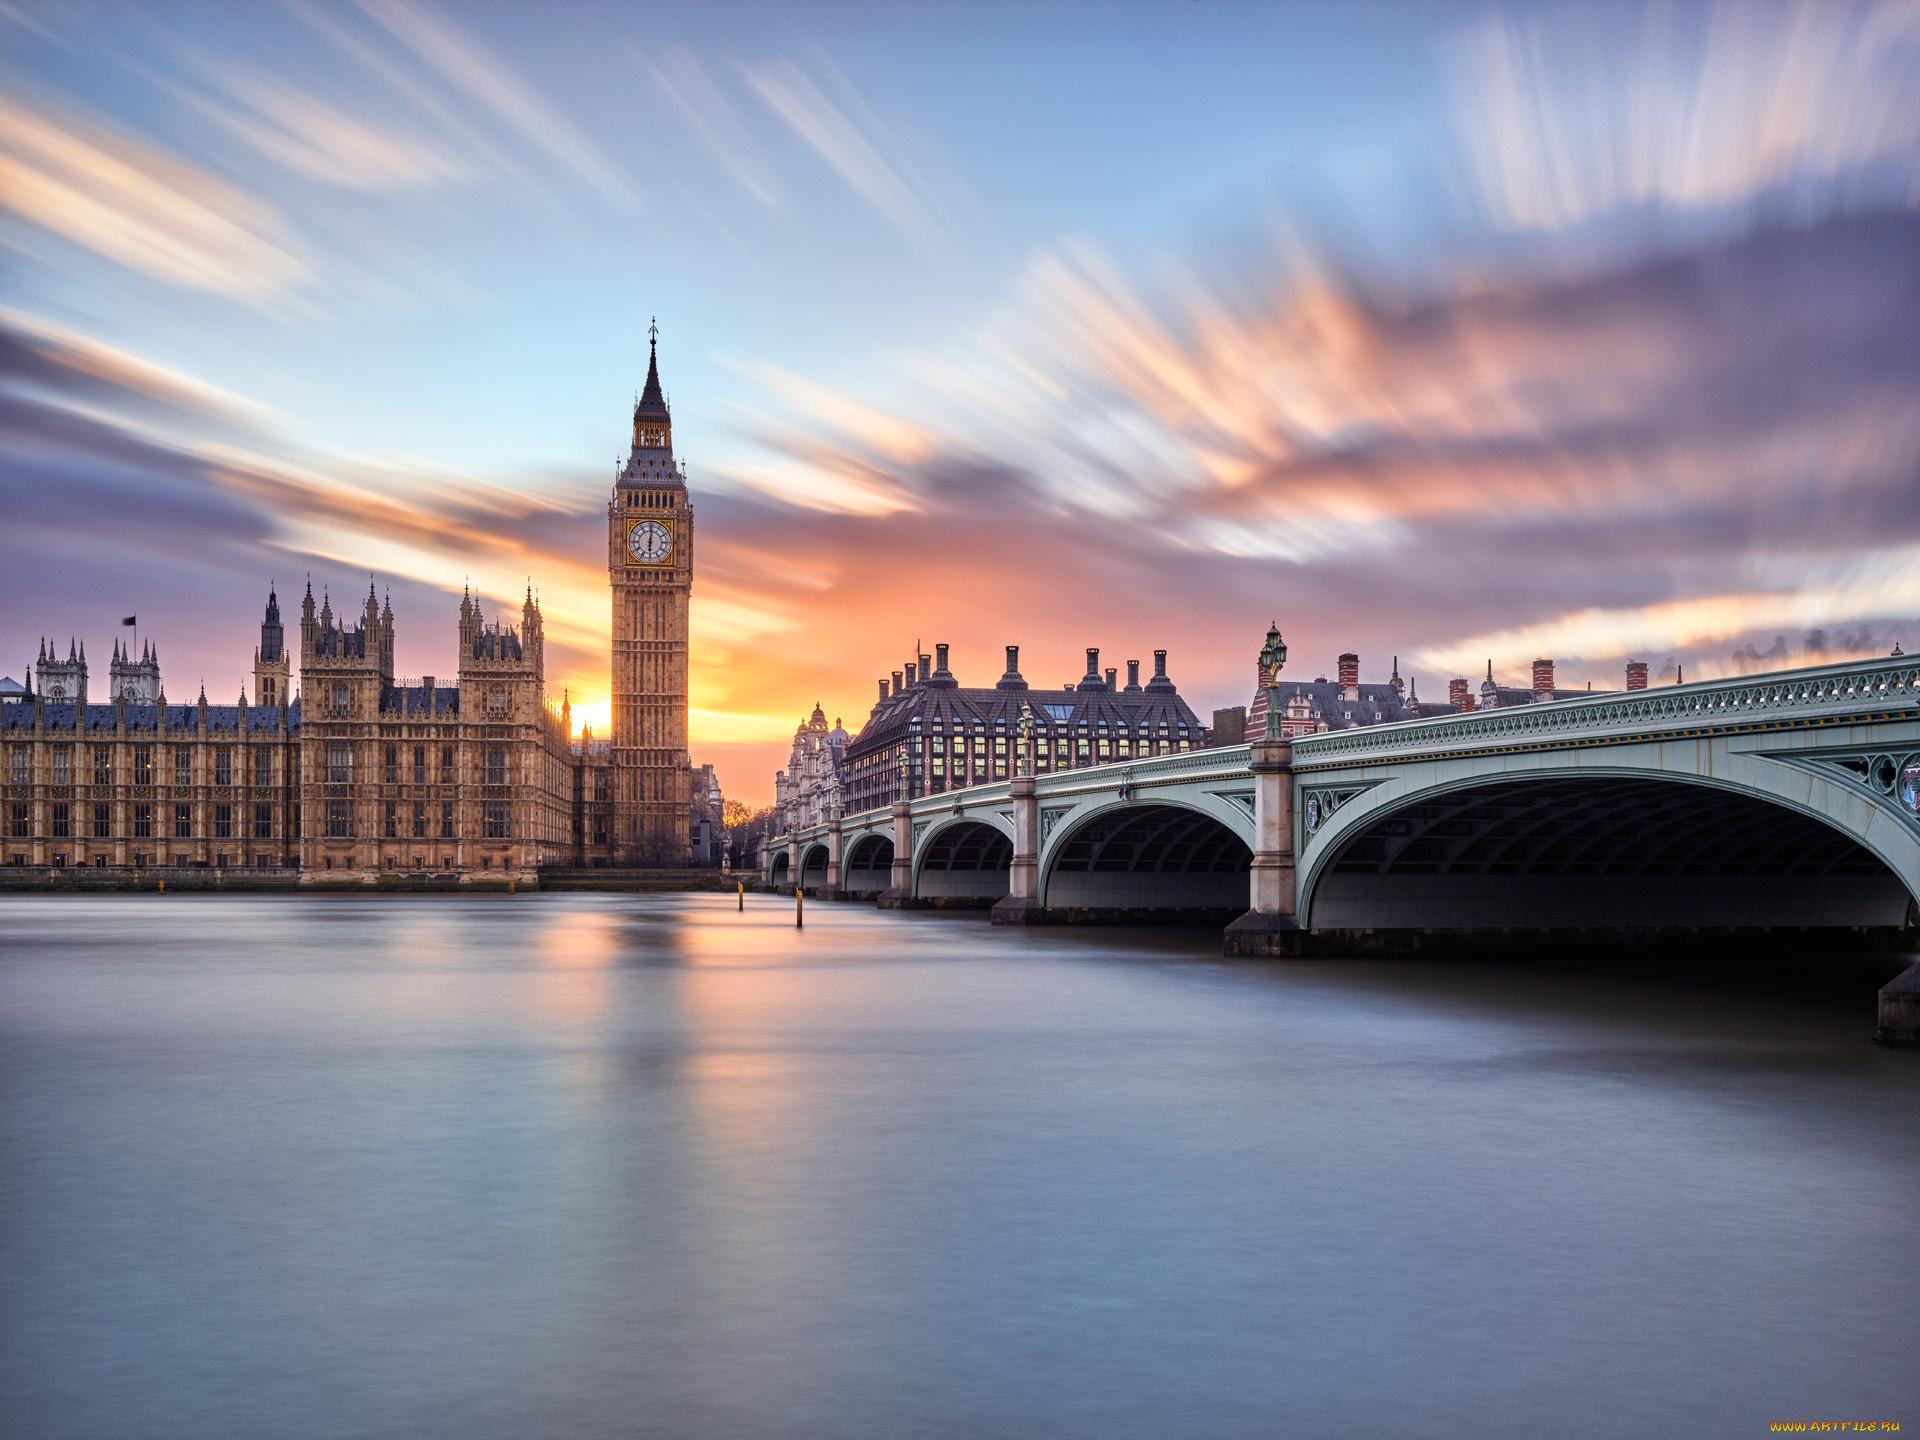 Фон лондона картинки